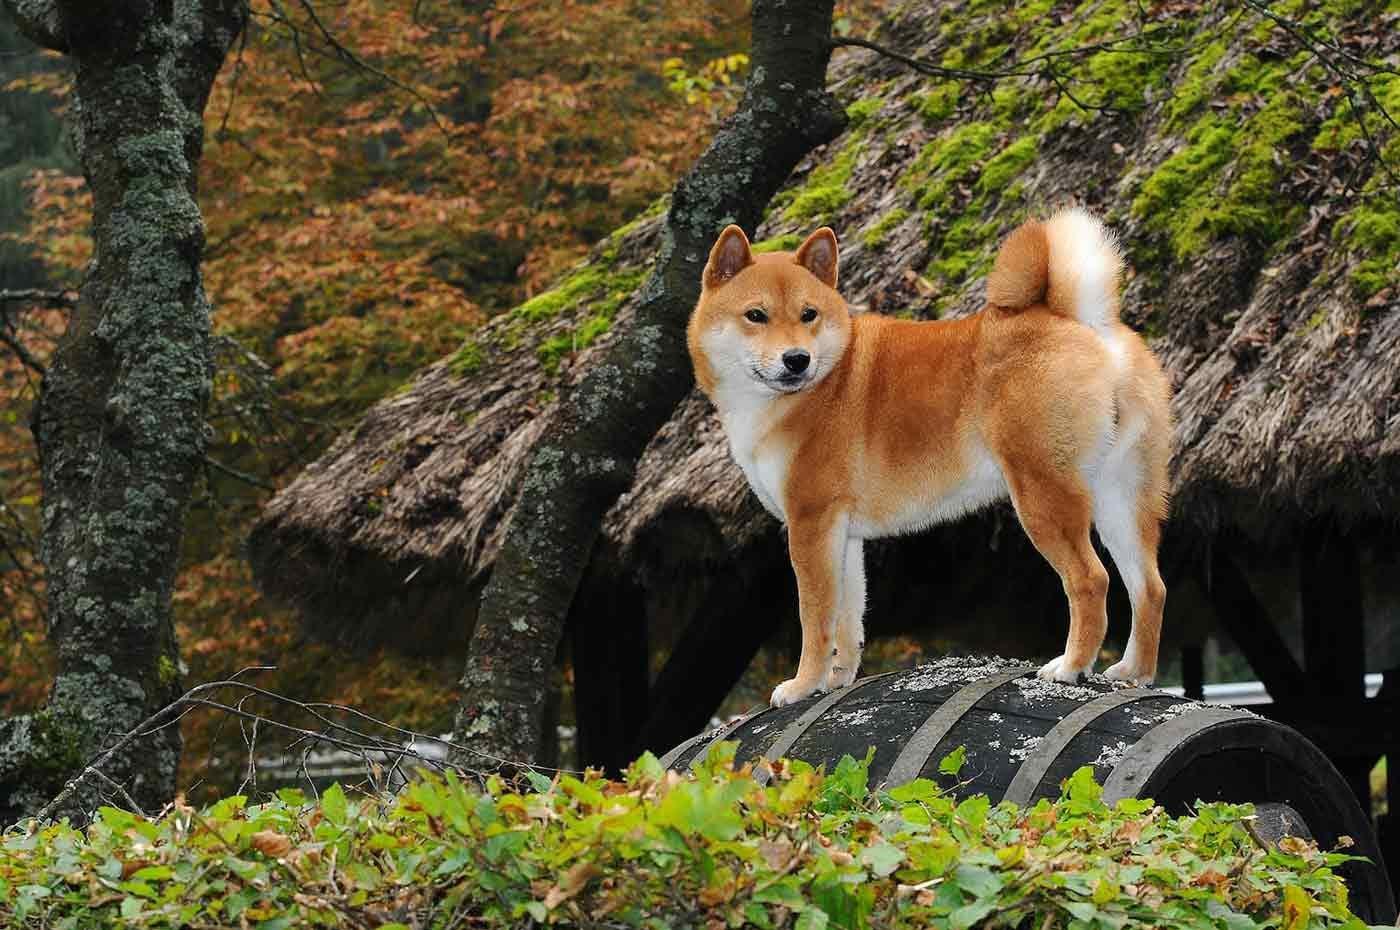 【協力いただける方を大募集】和犬の飼い主さんへのアンケート調査